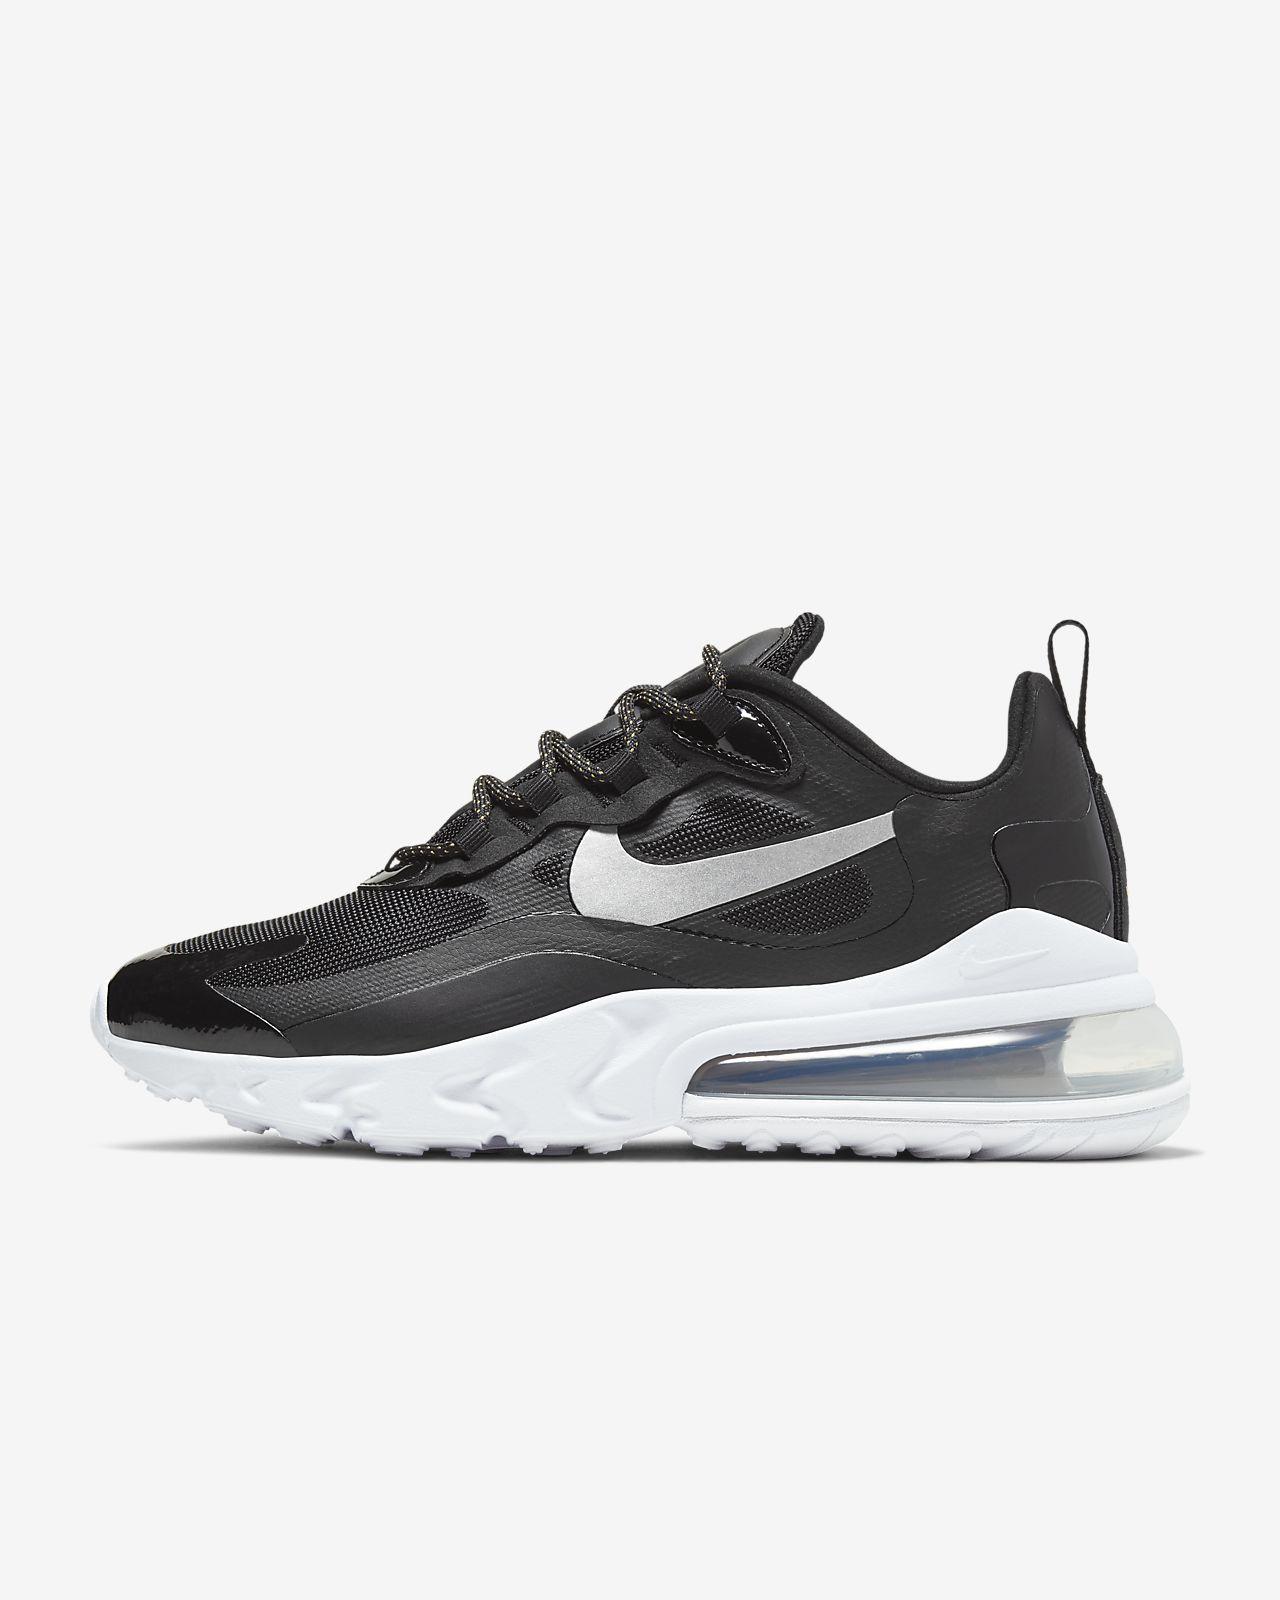 Nike Életmód Cipő Akció,Air Max 90 Női FeketeFehérPiros